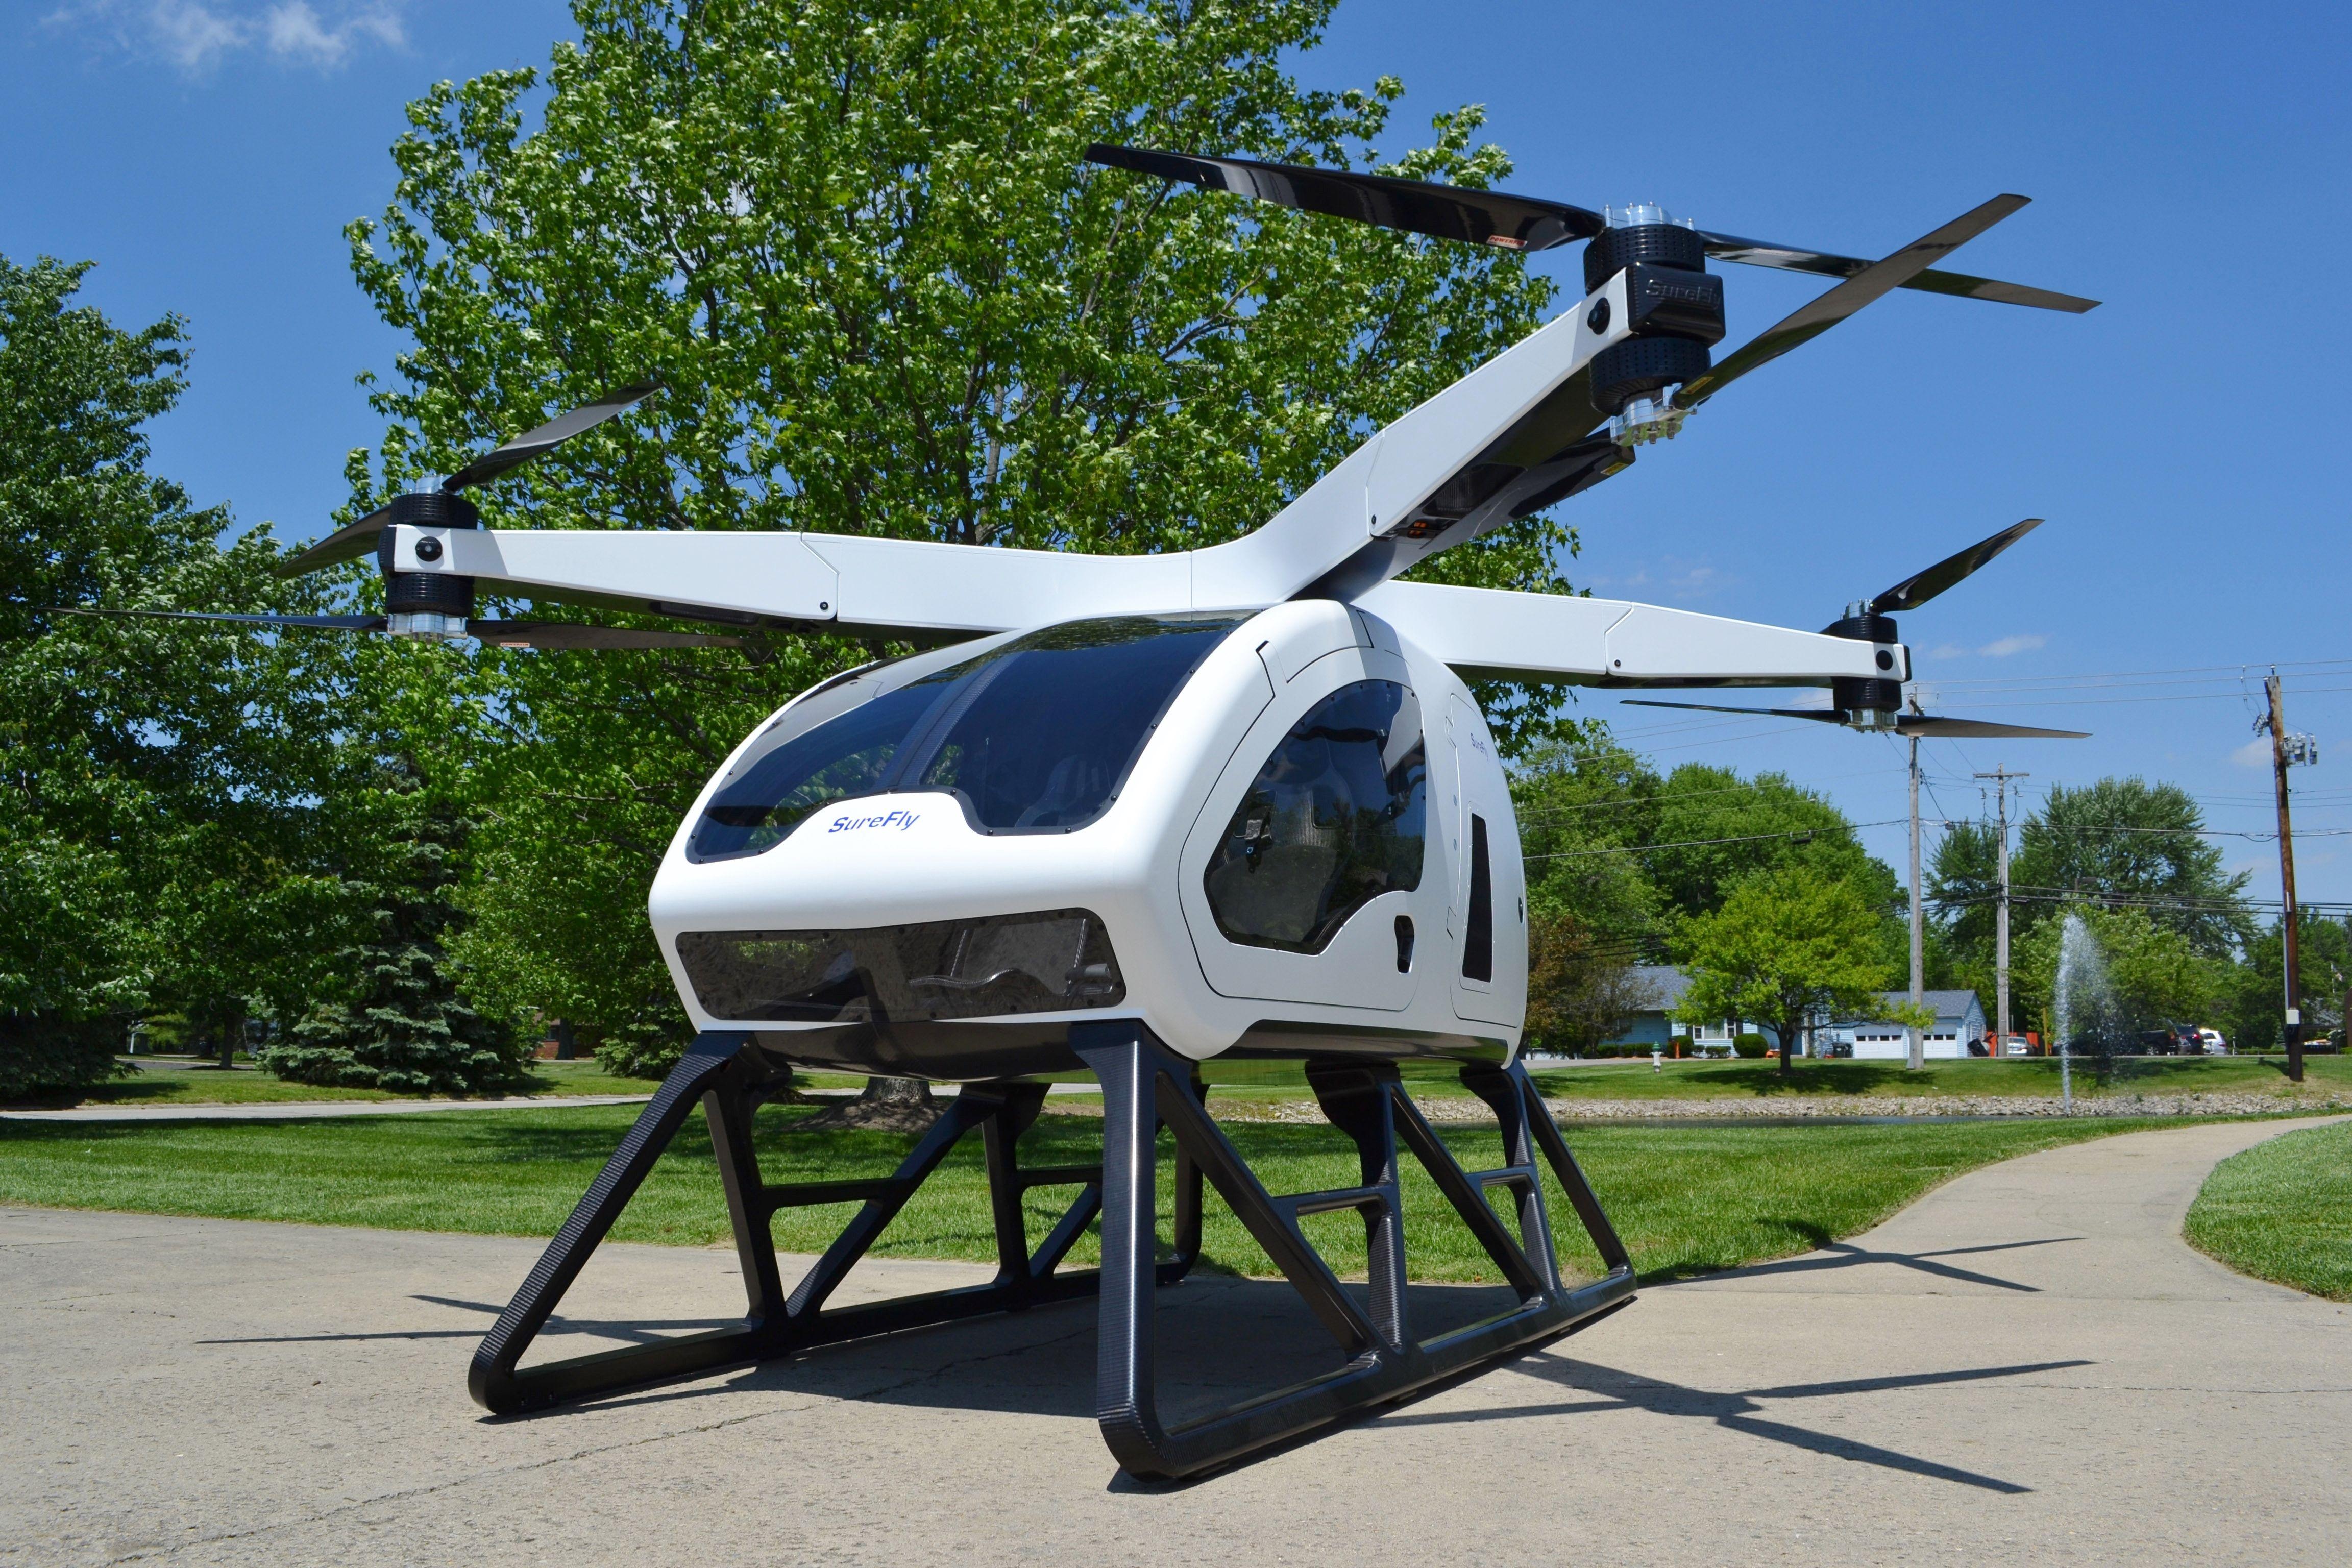 Terrafugia TF-2 Car Drone